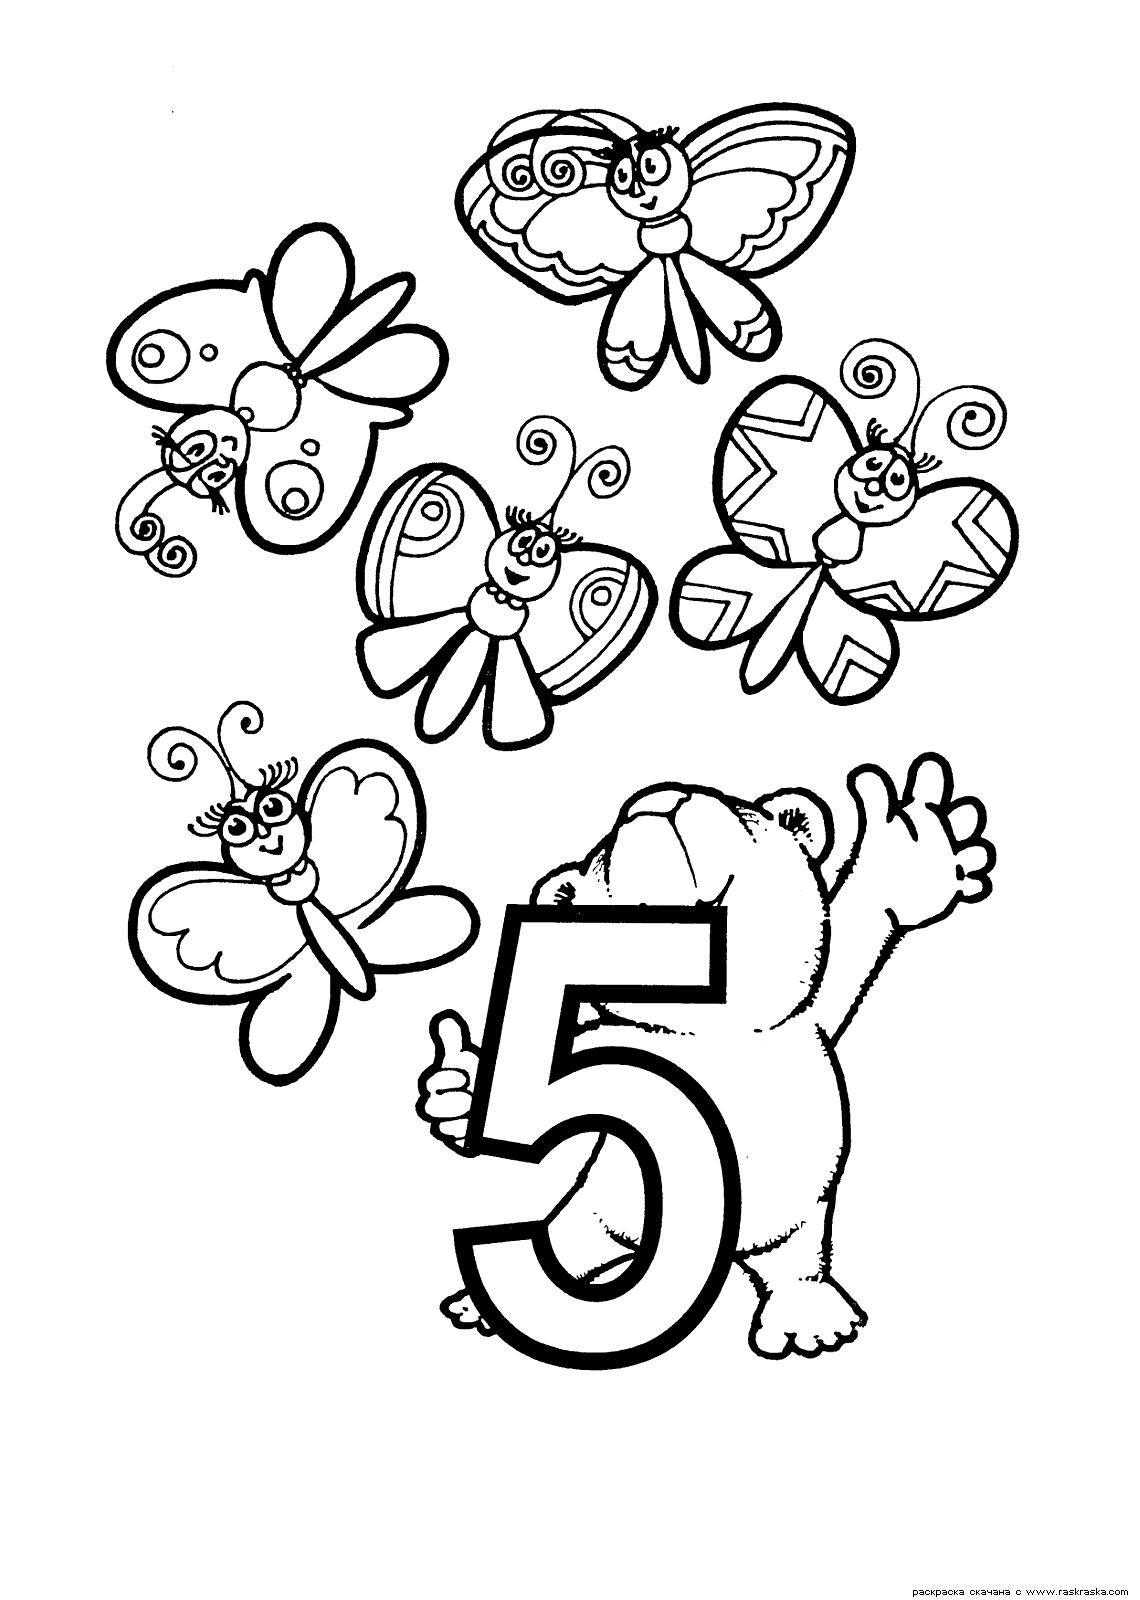 Раскраска цифра 5 с картинкой